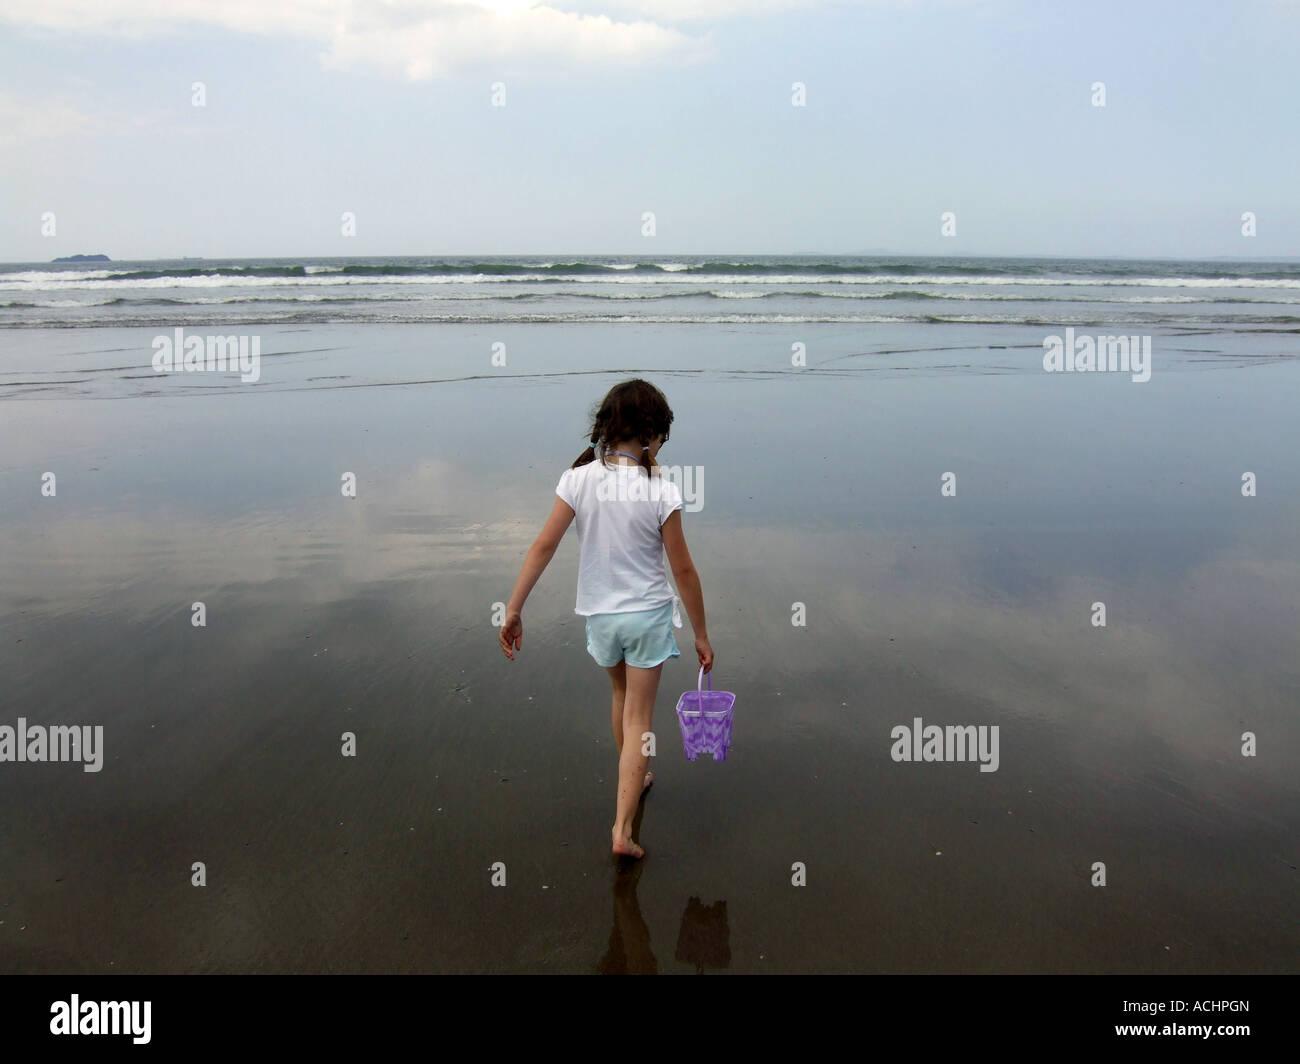 Ragazza camminare verso il mare portante una benna, REGNO UNITO Immagini Stock